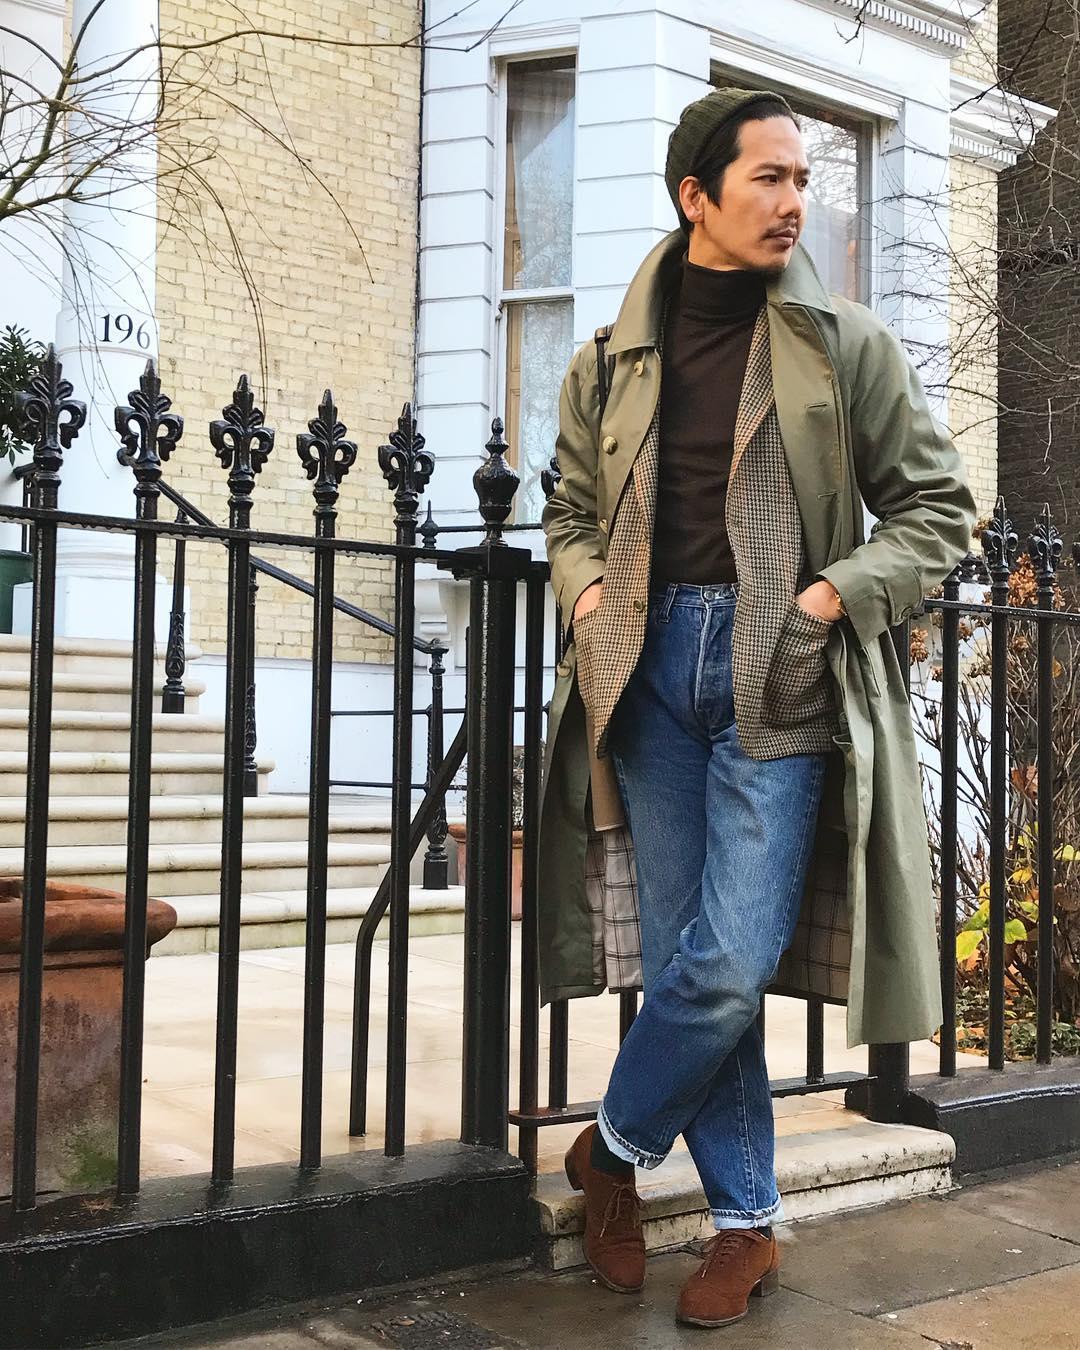 Astuce 1 : choisissez un jeans taille haute et un peu plus ample pour vous exercer au port classique du pantalon. Source : Shuhei Nishiguchi